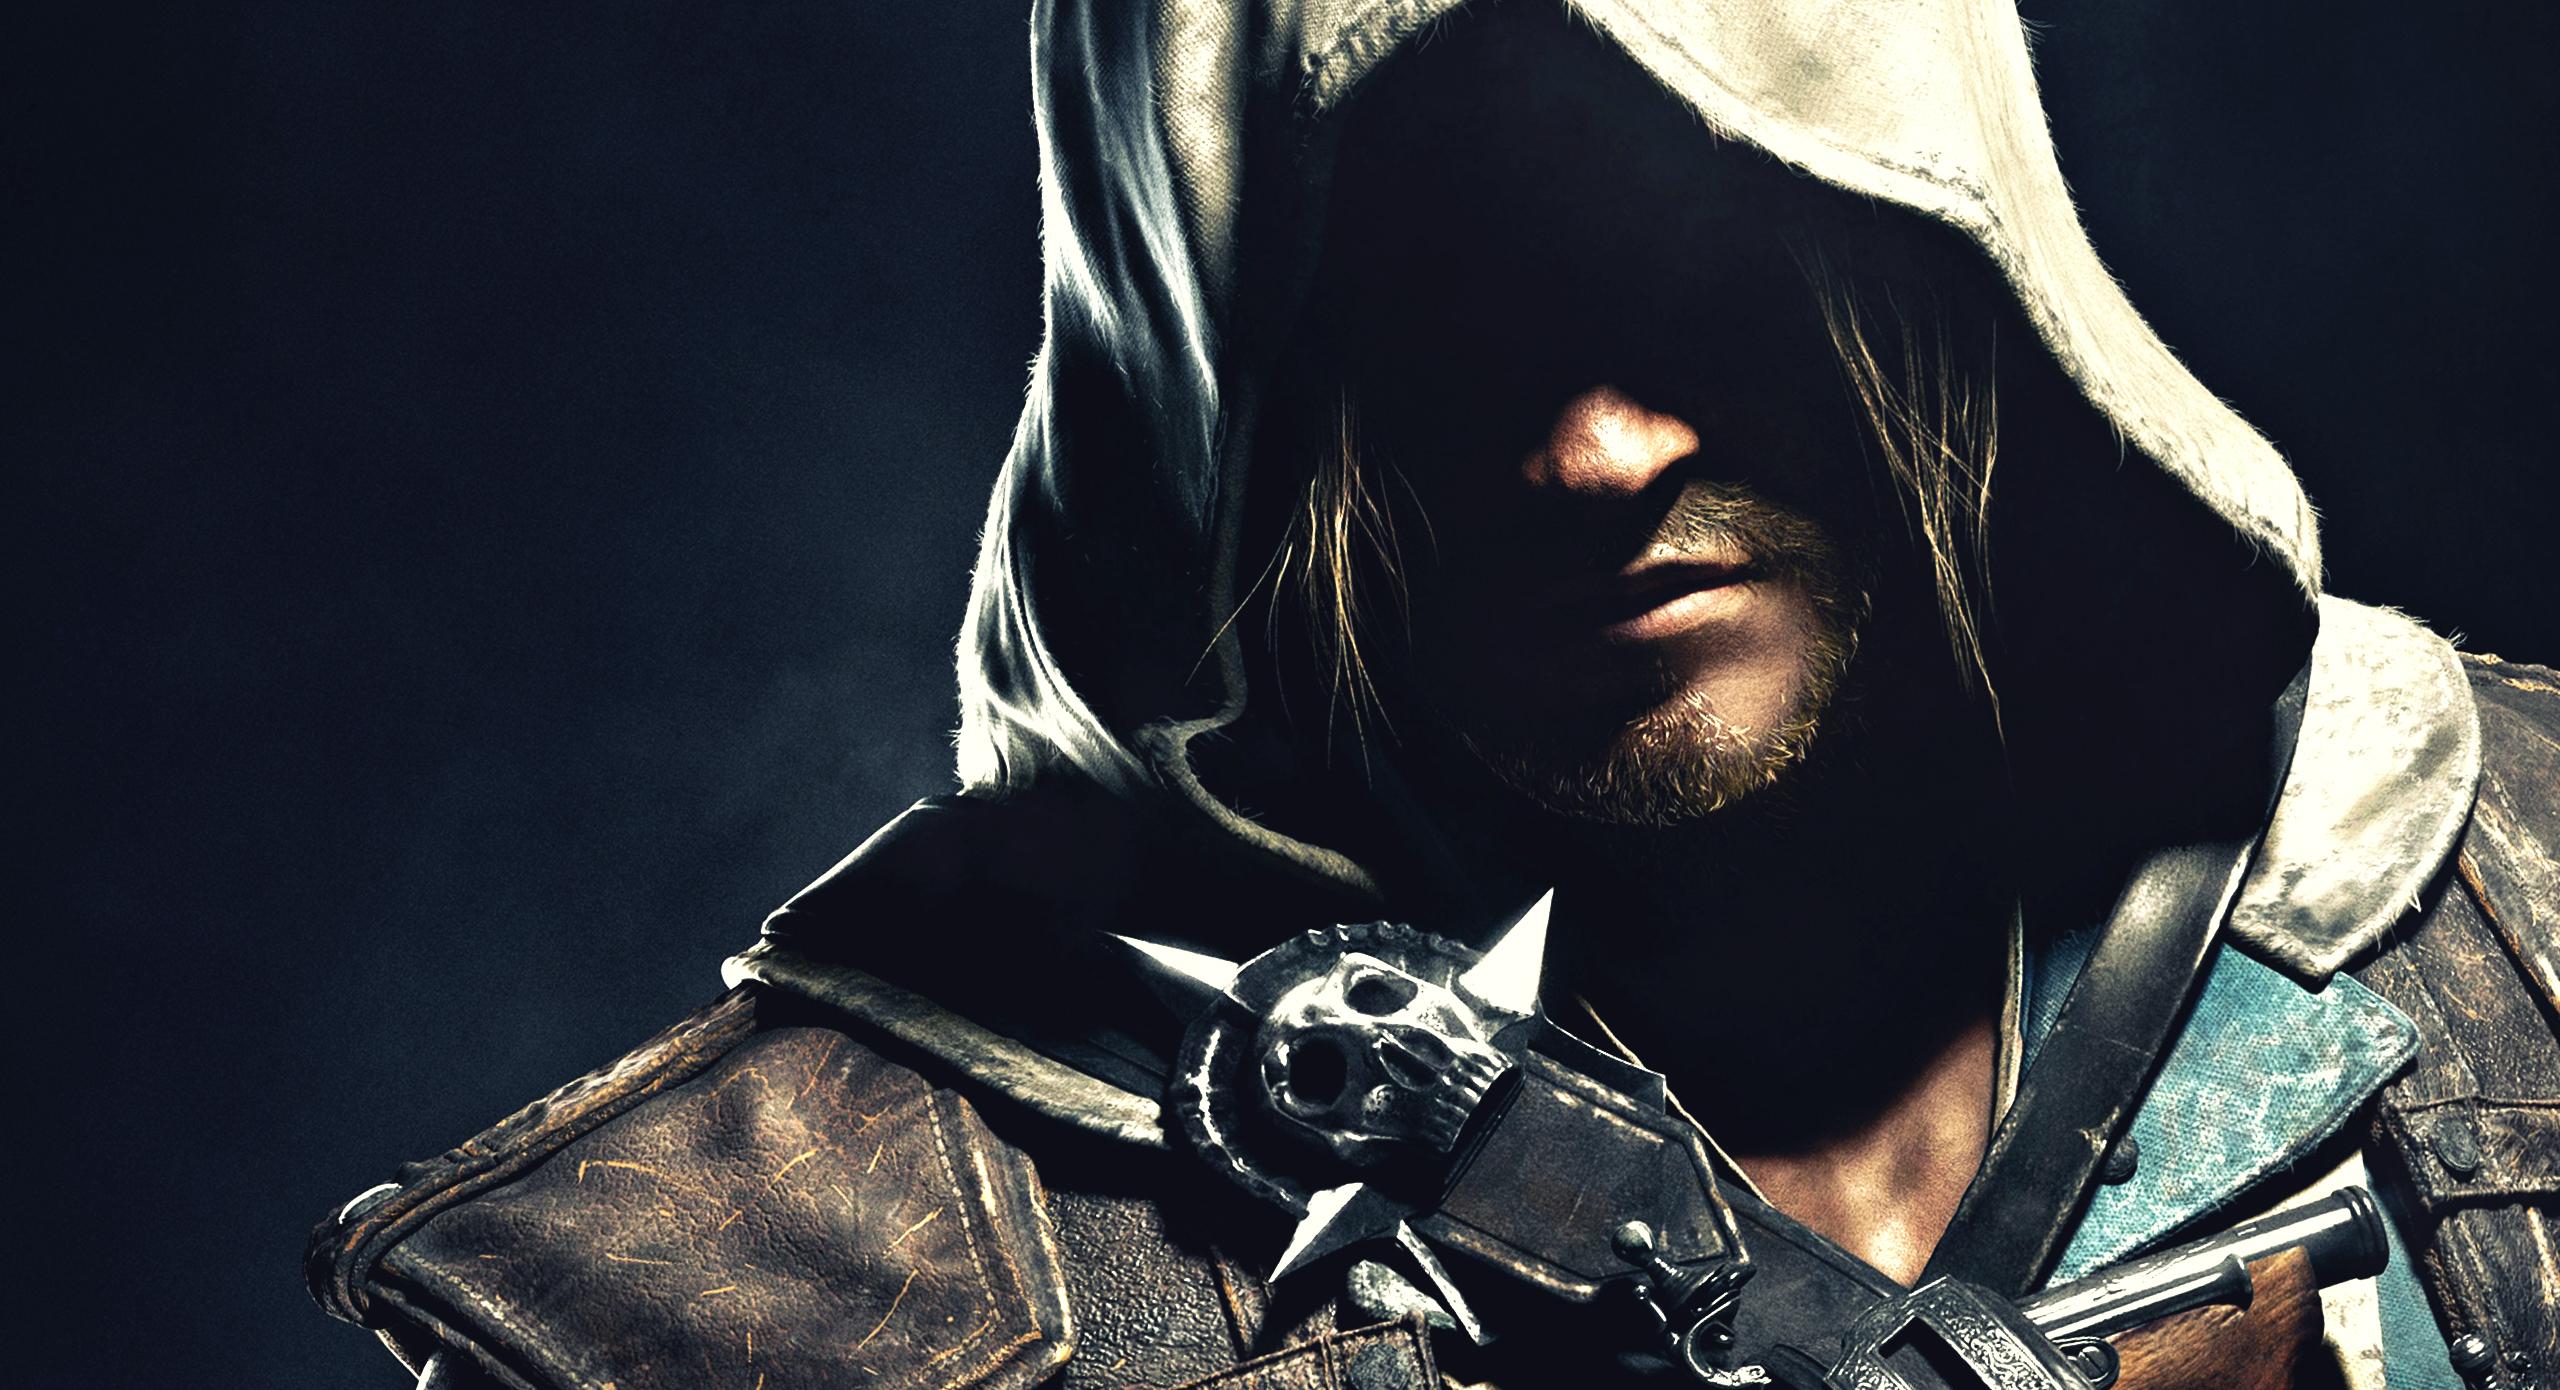 Assassin-s-Creed-Homme-Crâne-Guerrier-Capuche-Jeux-3d-Graphiques-wallpaper-wp3802565